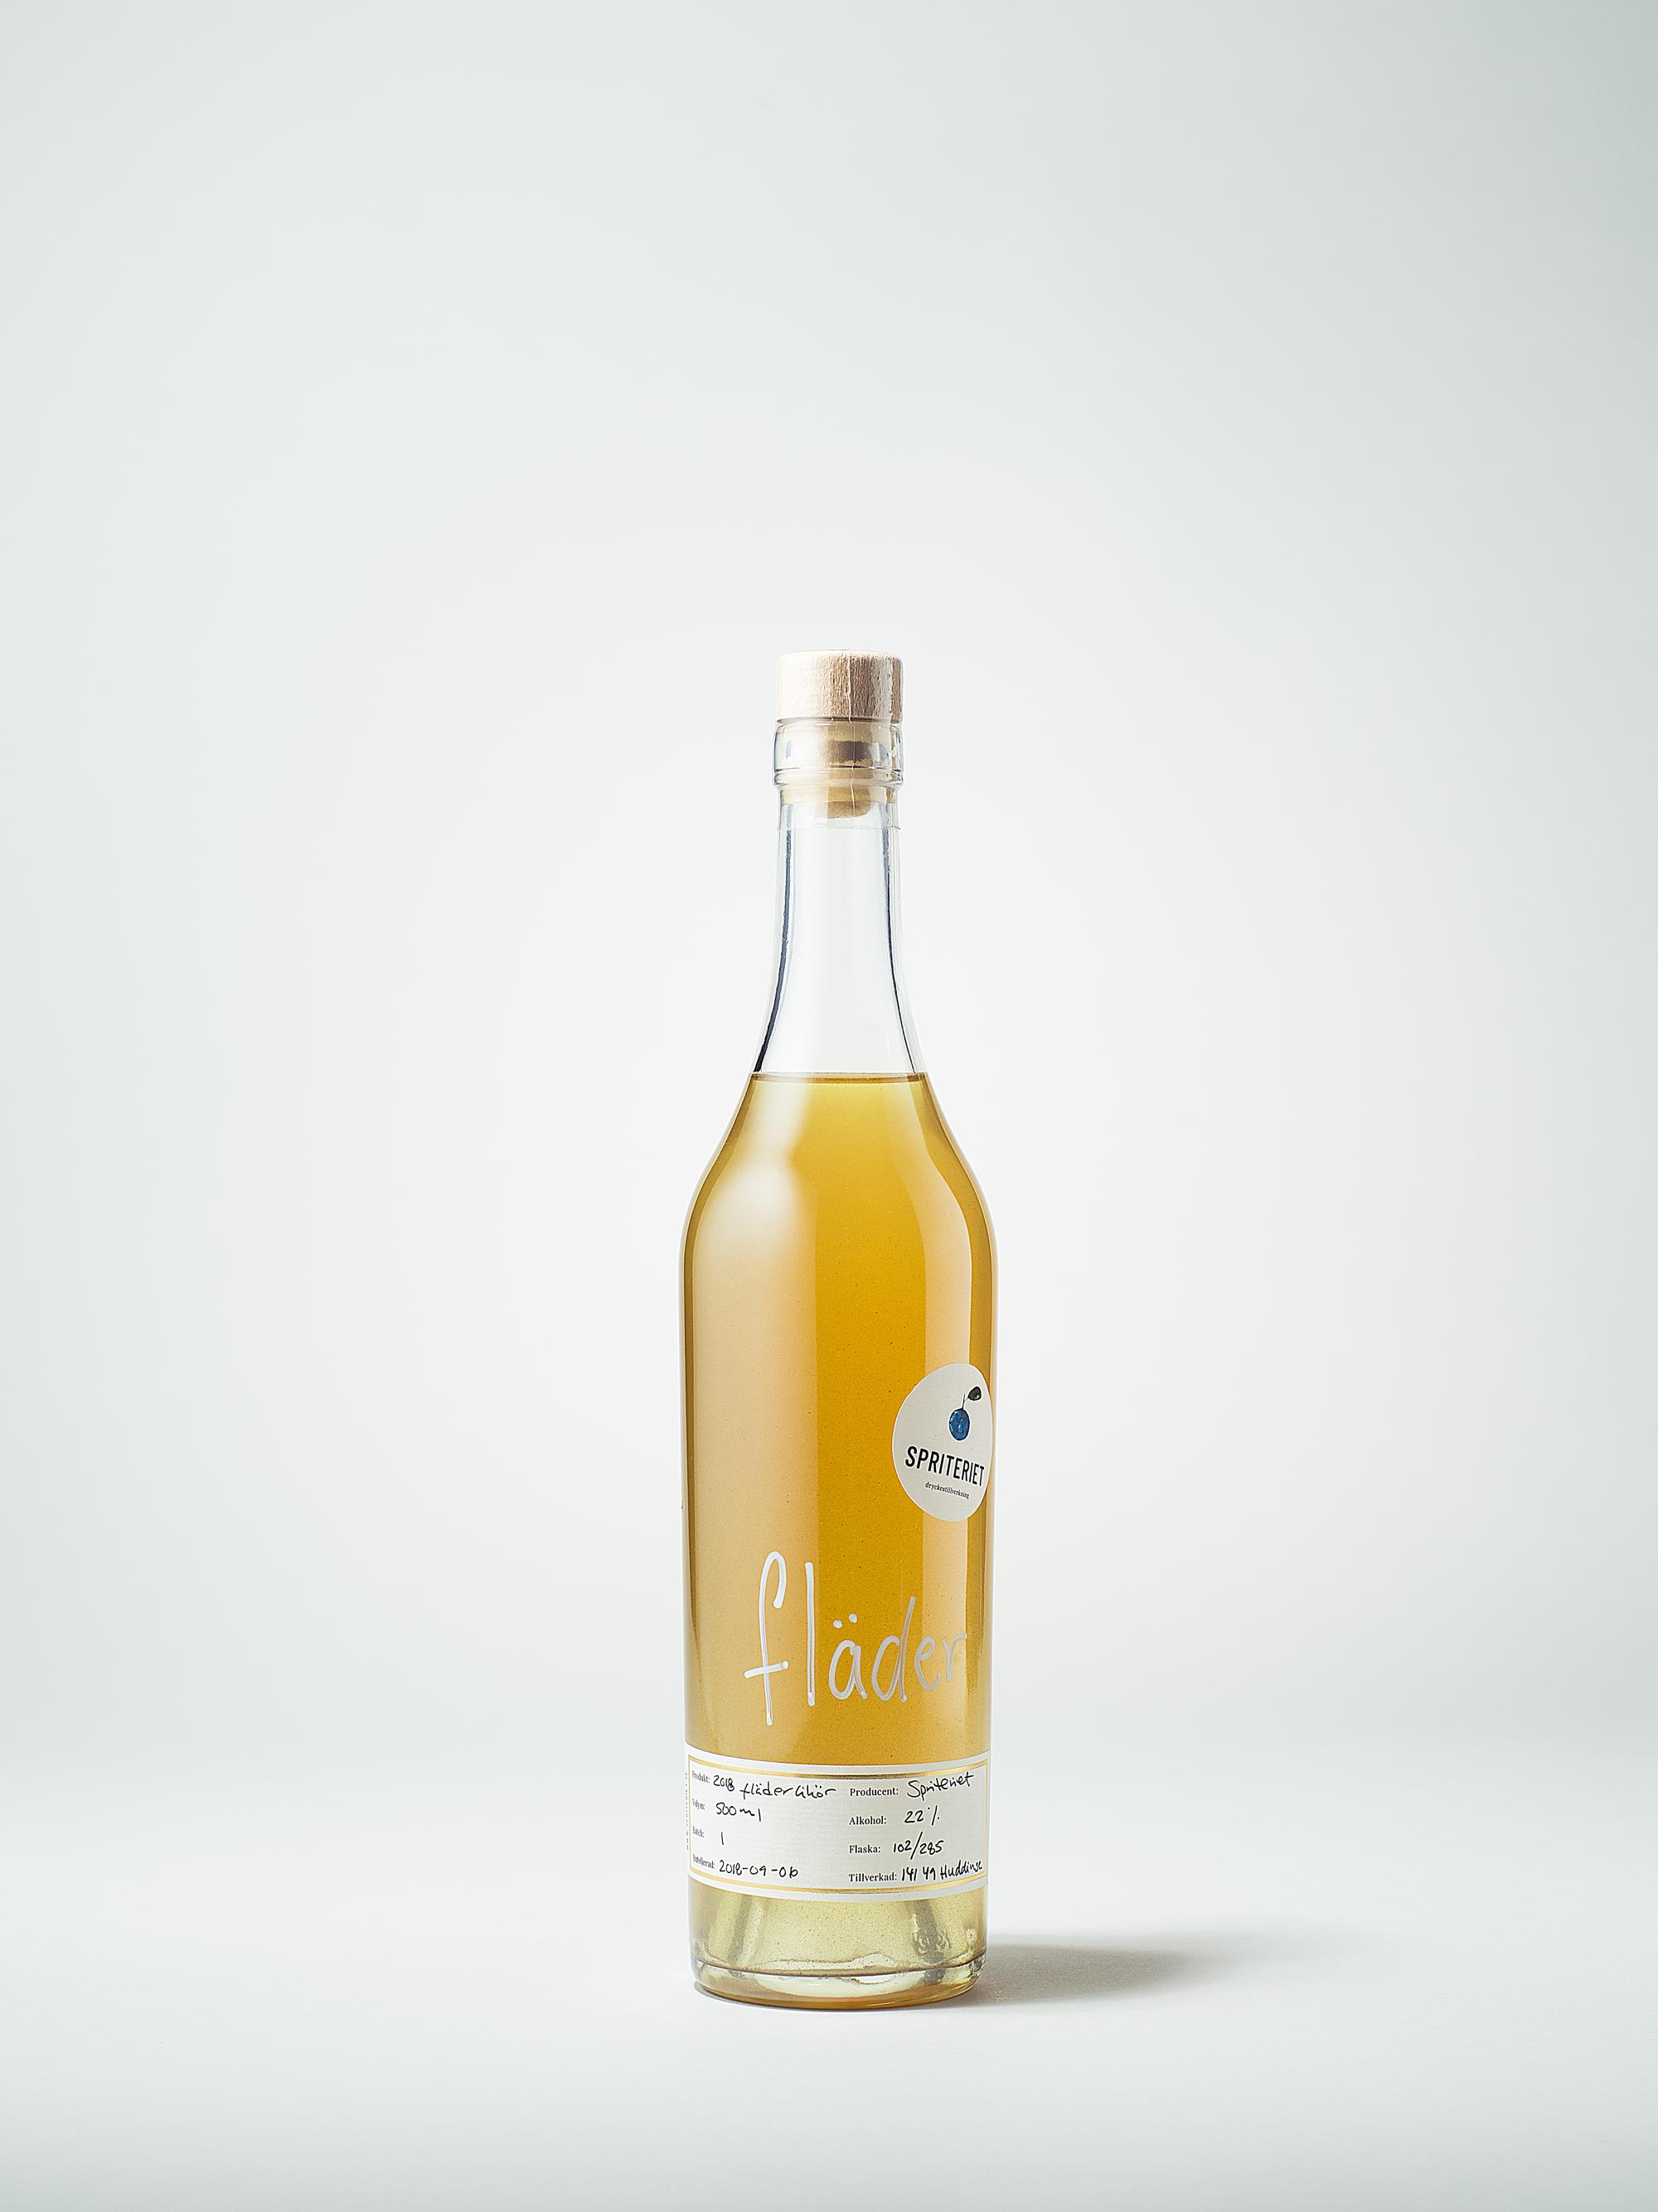 Fläderlikören  kommer i en flaska om 50 cl och har en alkoholhalt på 22%. Fläderblommorna är plockade i Ljungskile på västkusten och i Stockholm med omnejd. Flädern började säljas i september 2018 och innefattar 285 flaskor som buteljerades i augusti och september.